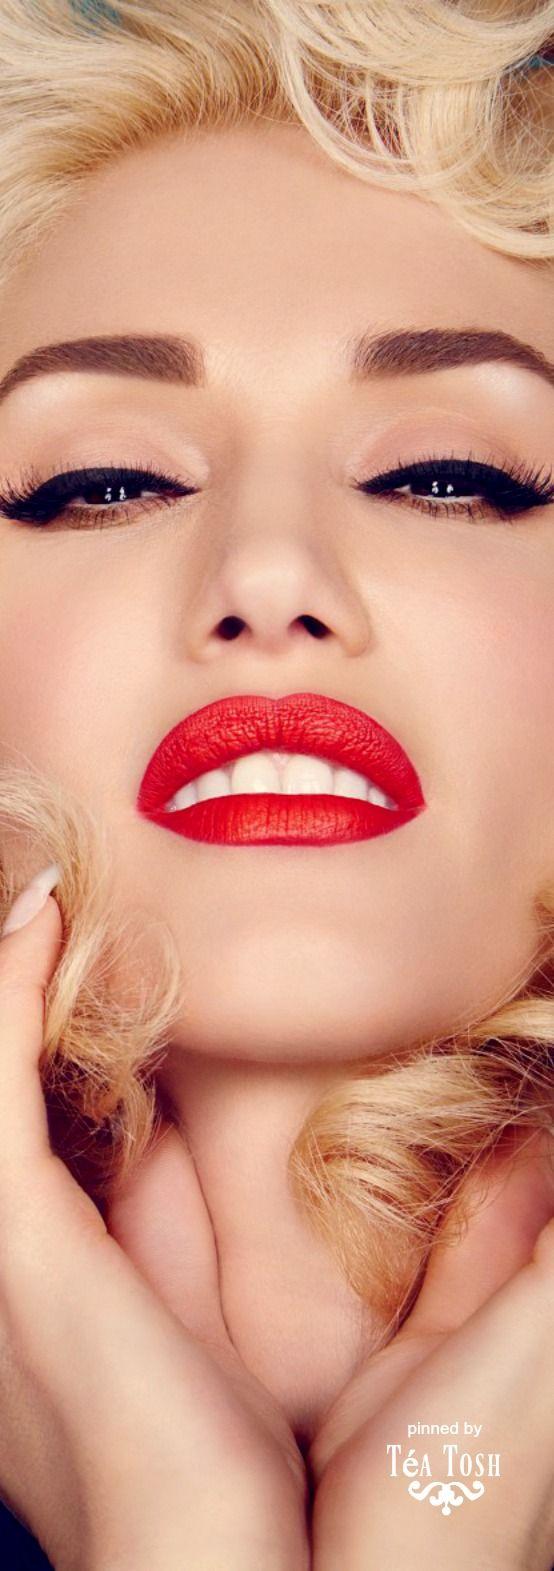 15764 besten !!! PERFECT RED LIP !!! Bilder auf Pinterest ...